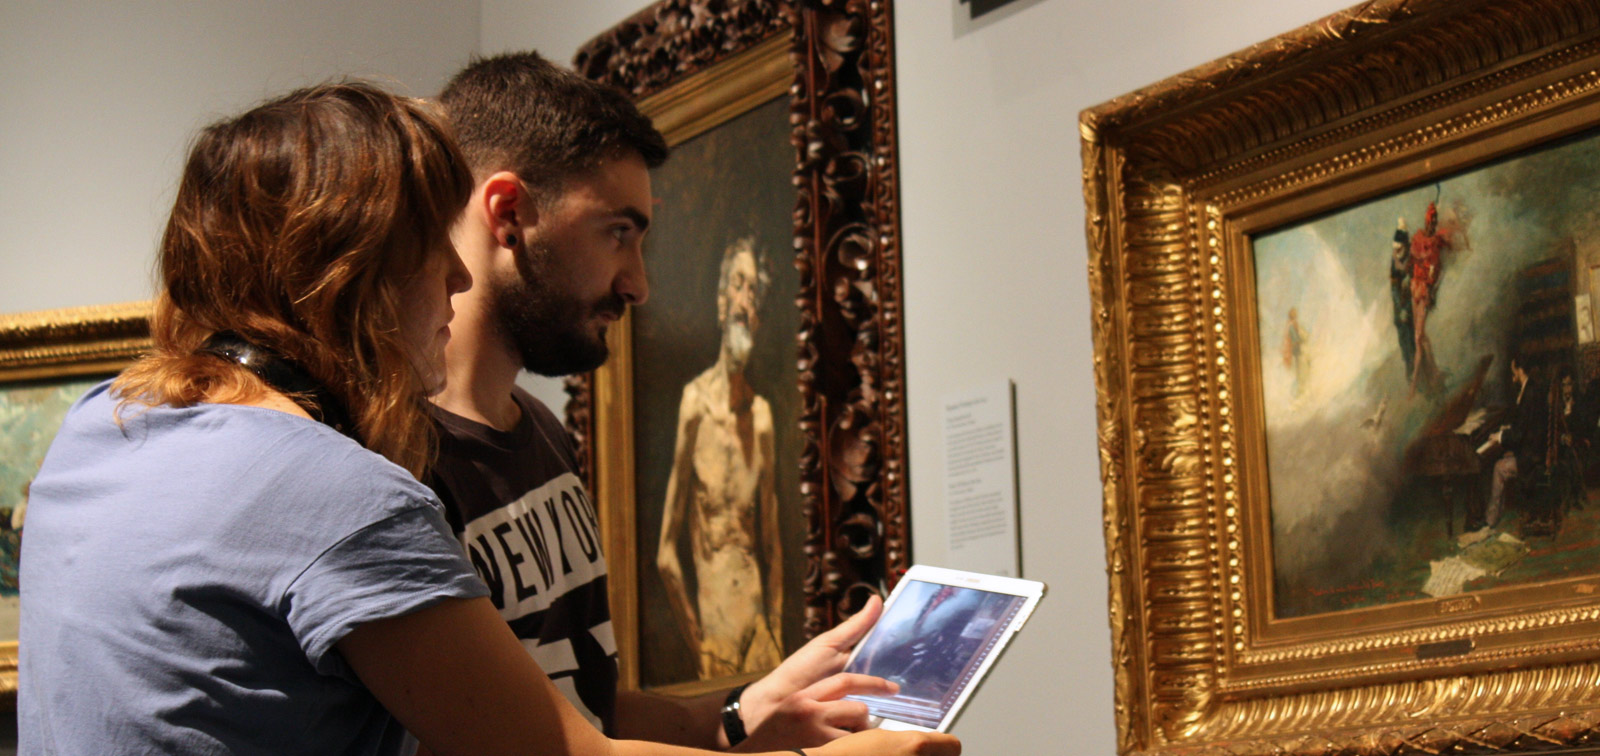 ¡NUEVO! ANUNCIO PRÓXIMA CONVOCATORIA Becas 2021 Beca Fundación Maria Cristina Masaveu Peterson - Museo del Prado. Nuevas tecnologías aplicadas a la educación